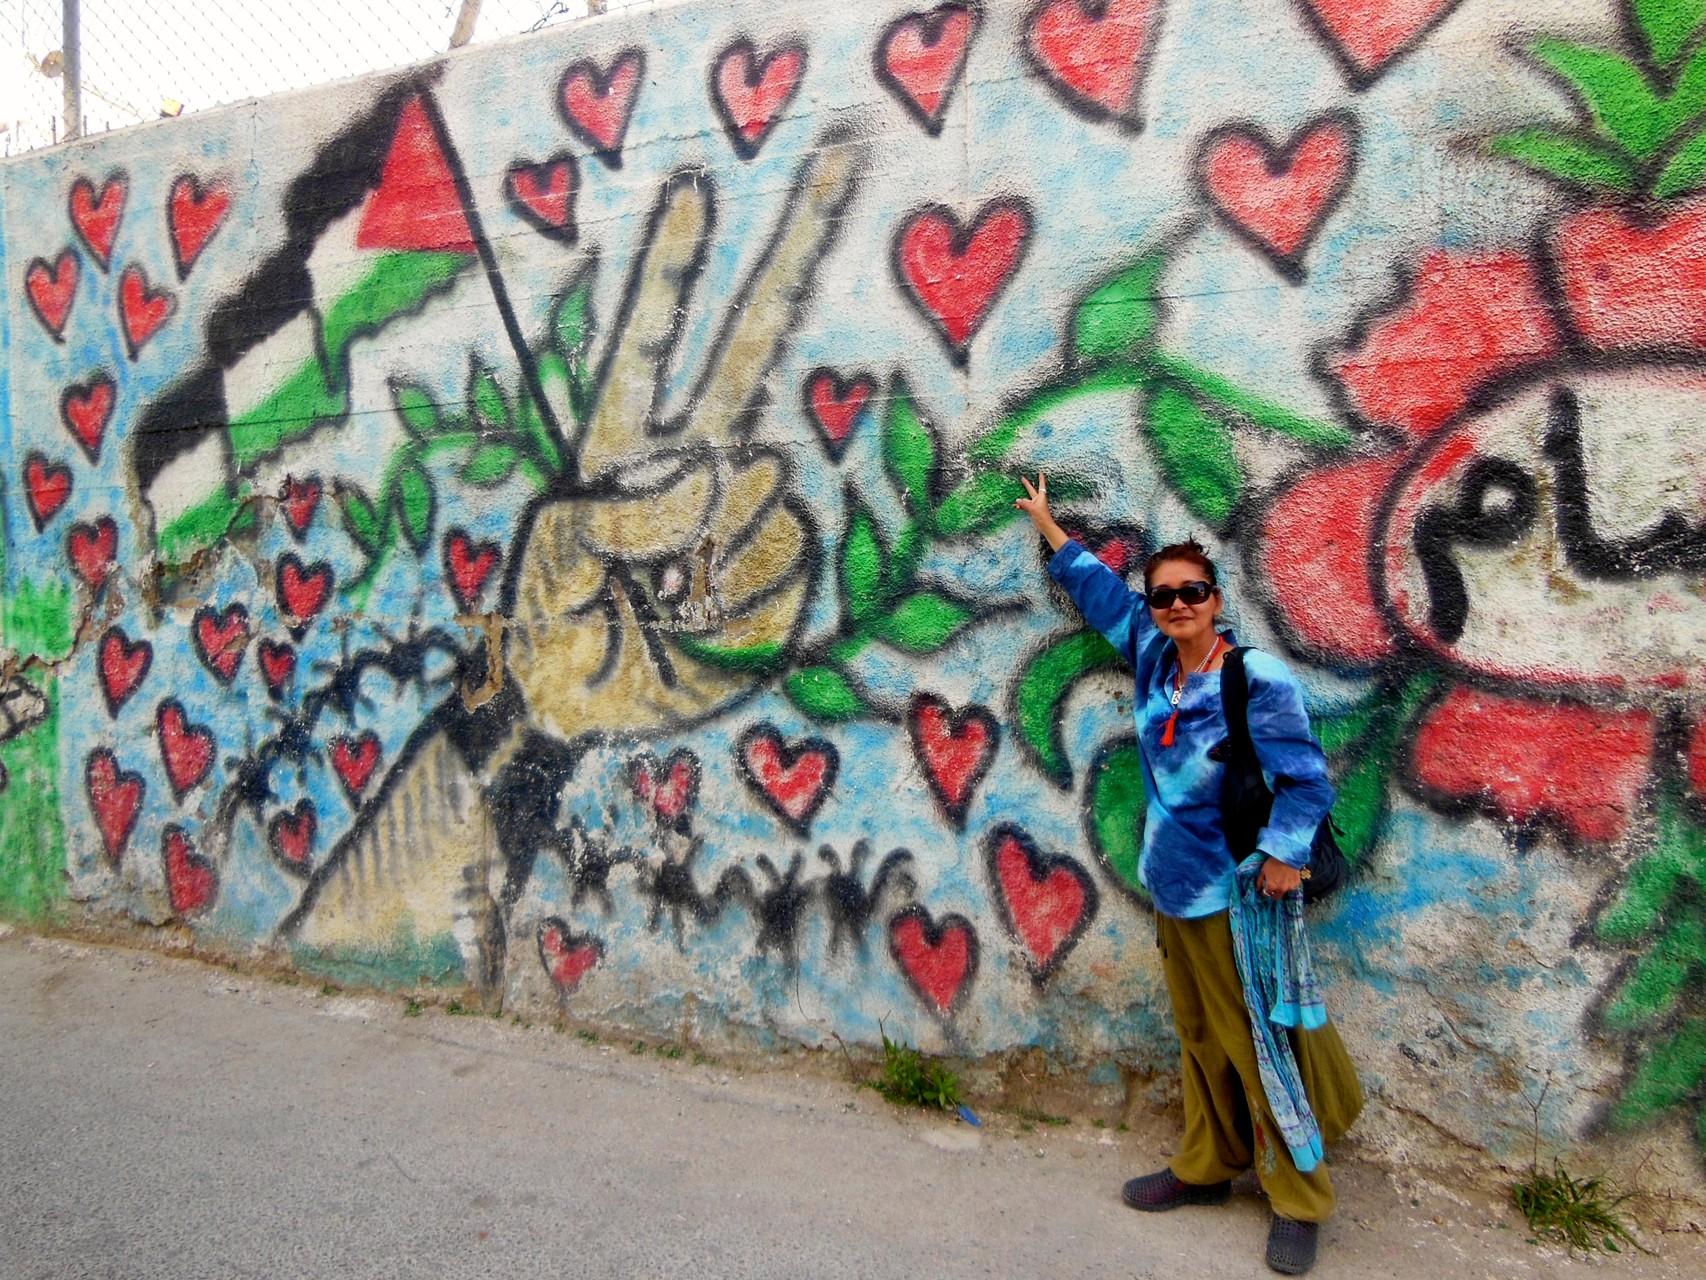 刑務所みたいな壁に平和のメッセージがいっぱい